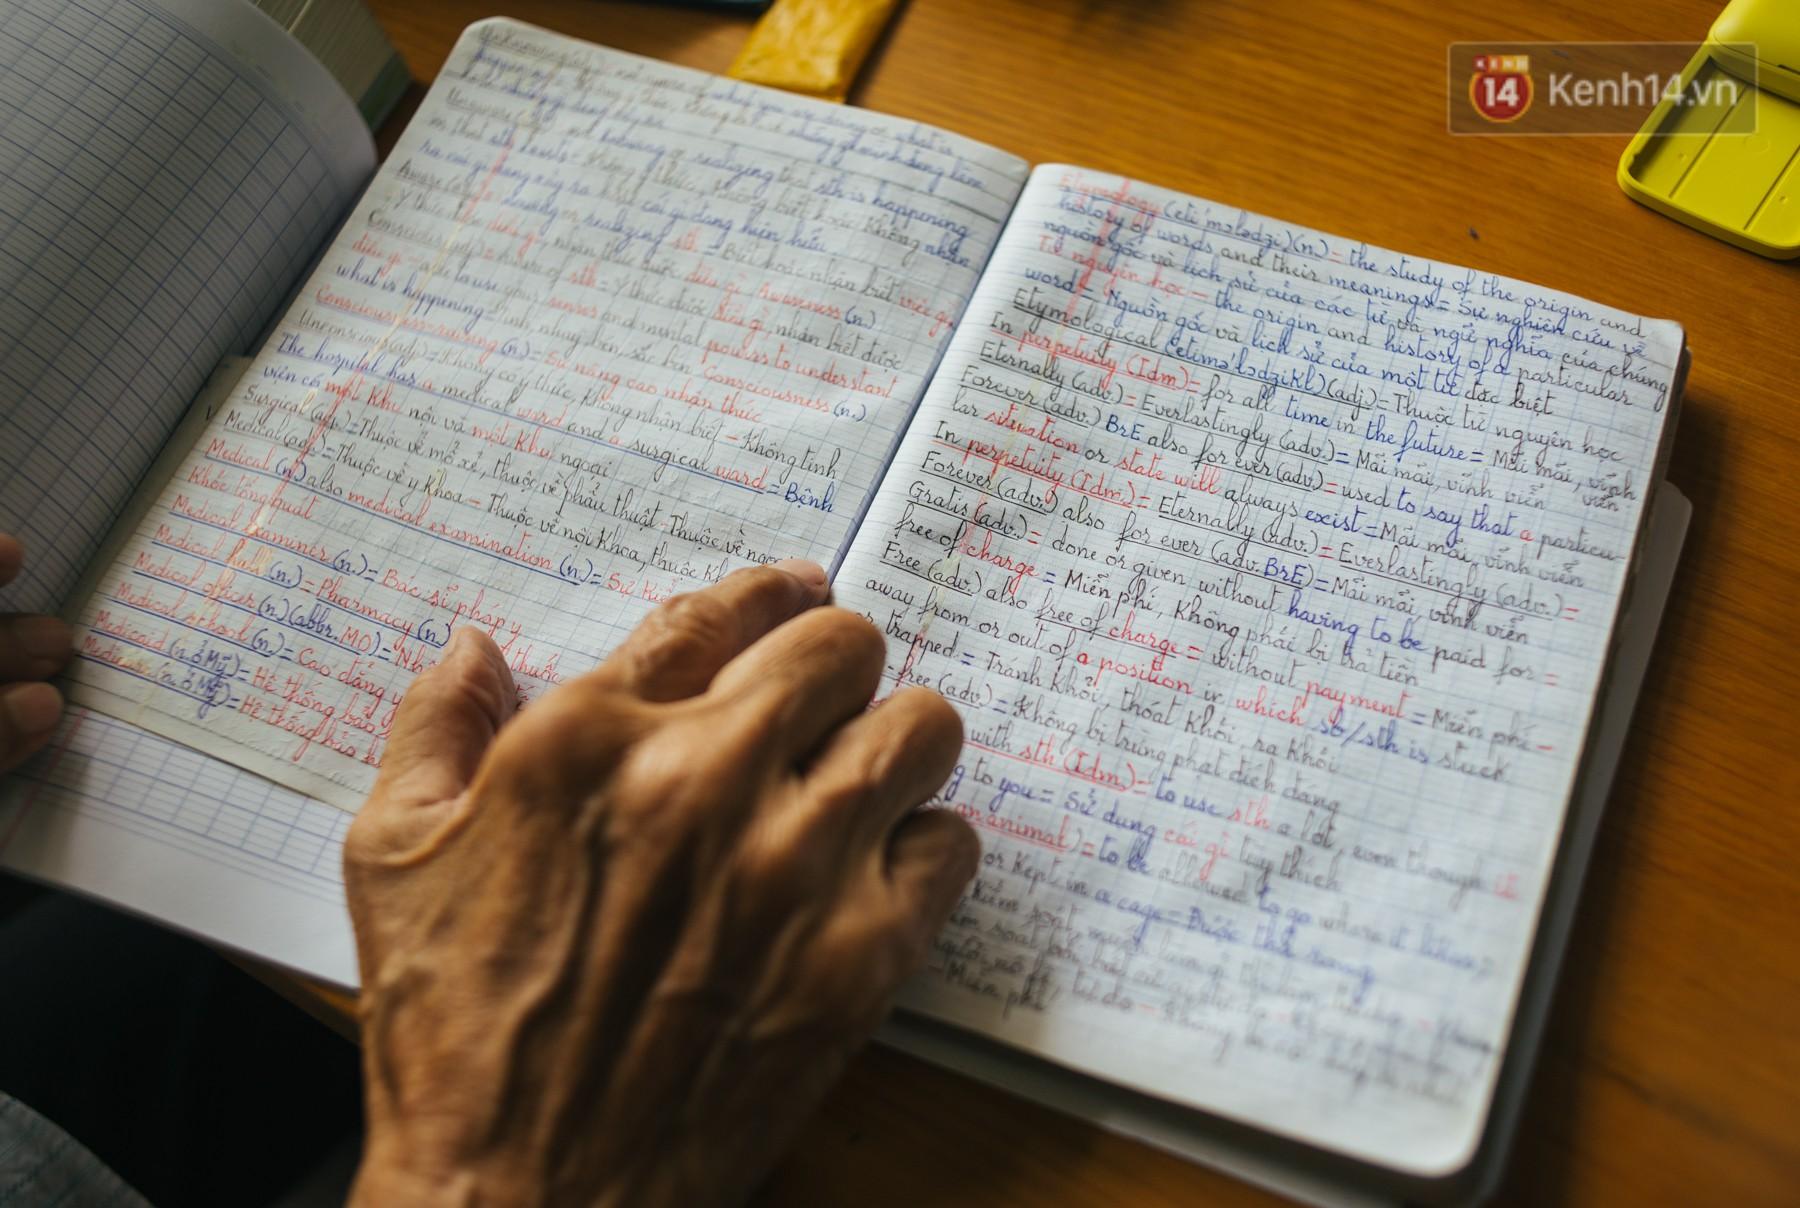 Chuyện ông cụ 77 tuổi ngồi ở thư viện Sài Gòn từ sáng đến tối mịt: Ăn cơm từ thiện, luyện học tiếng Anh - Ảnh 5.